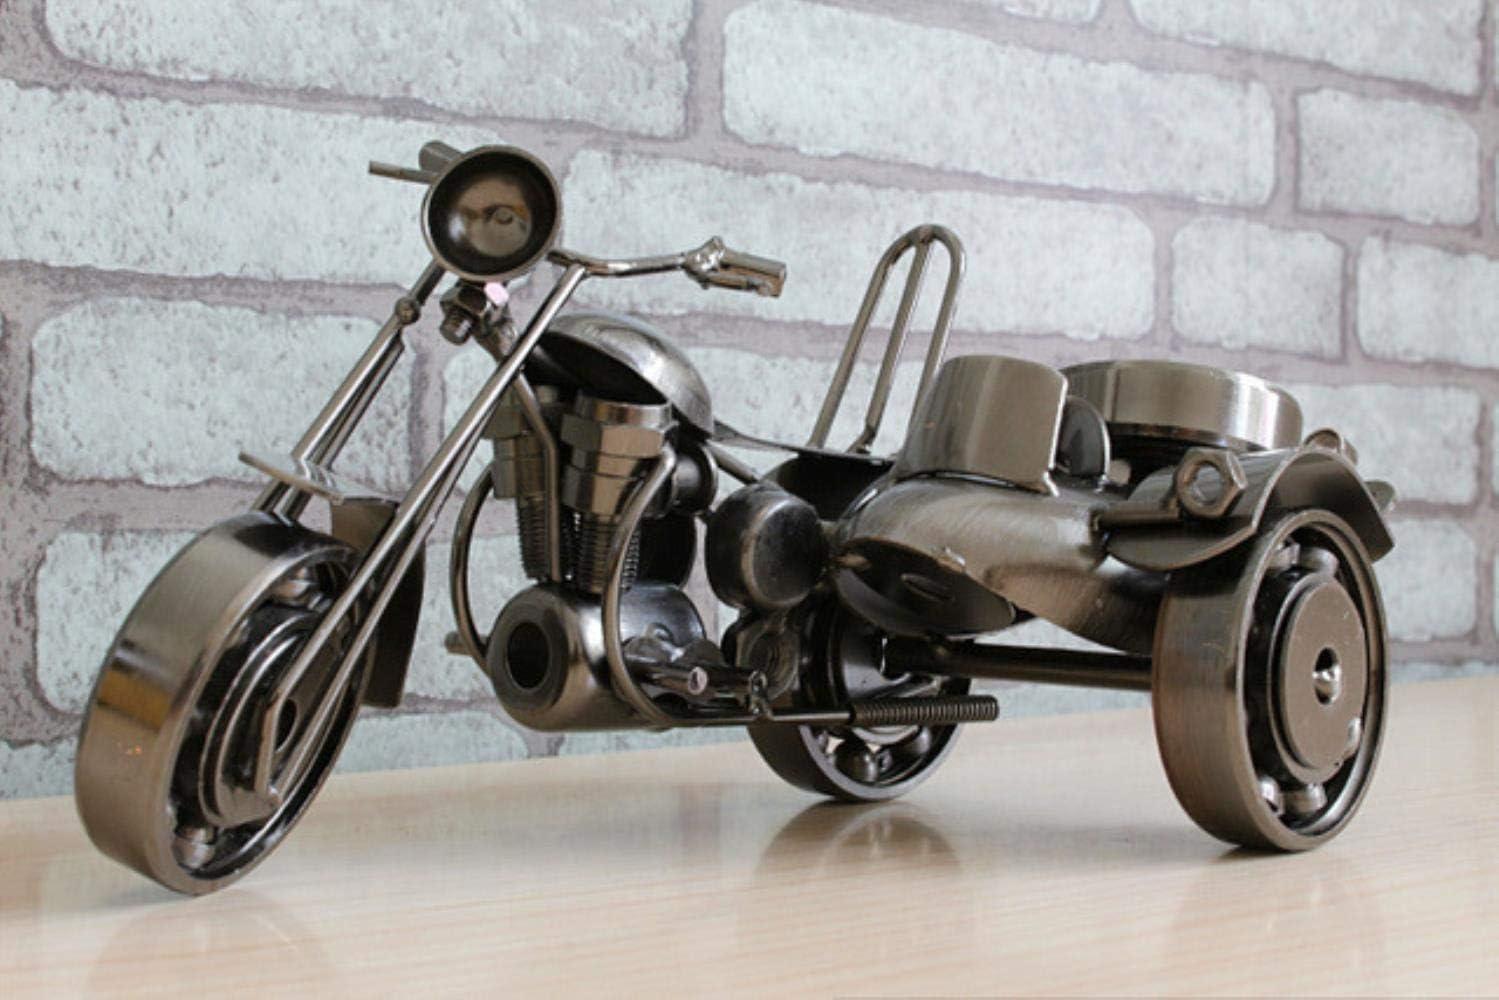 THREE Herrajes Antiguos Triciclo Lateral Modelo de Motocicleta Personalidad nostálgica Escritorio en casa Sala de Estar Decoración Fiesta Regalos empresariales, Negro